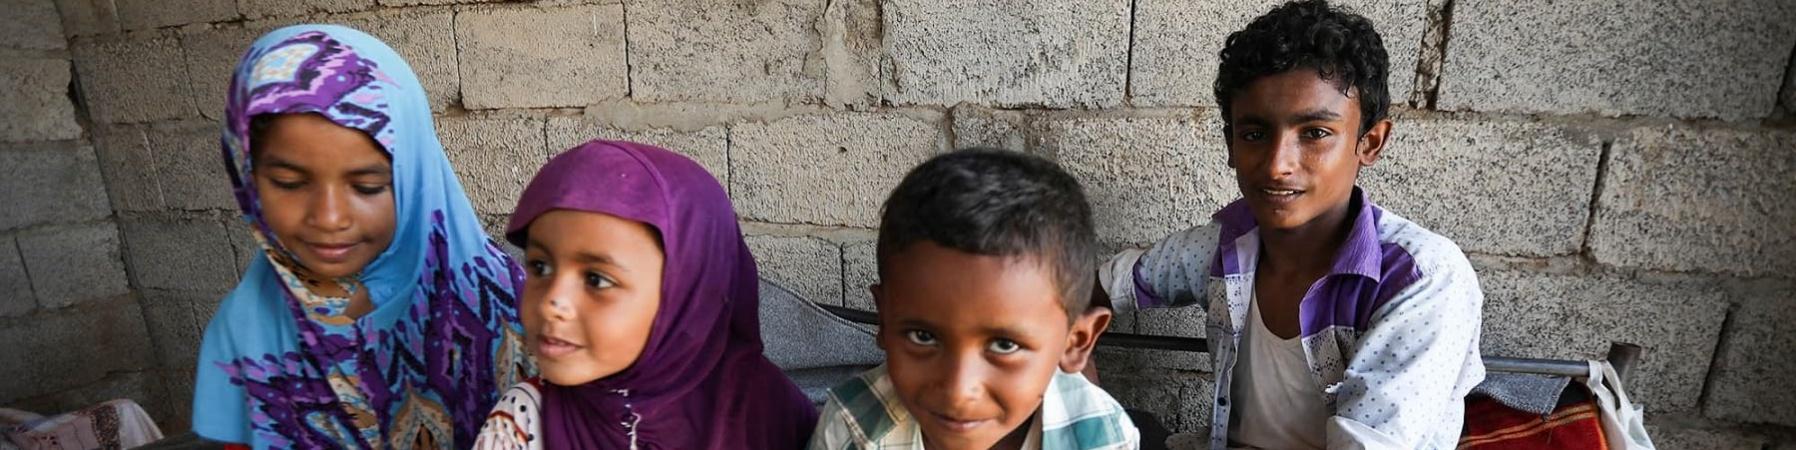 Quattro bambini yemeniti seduti sul letto insieme in una casa di mattoni